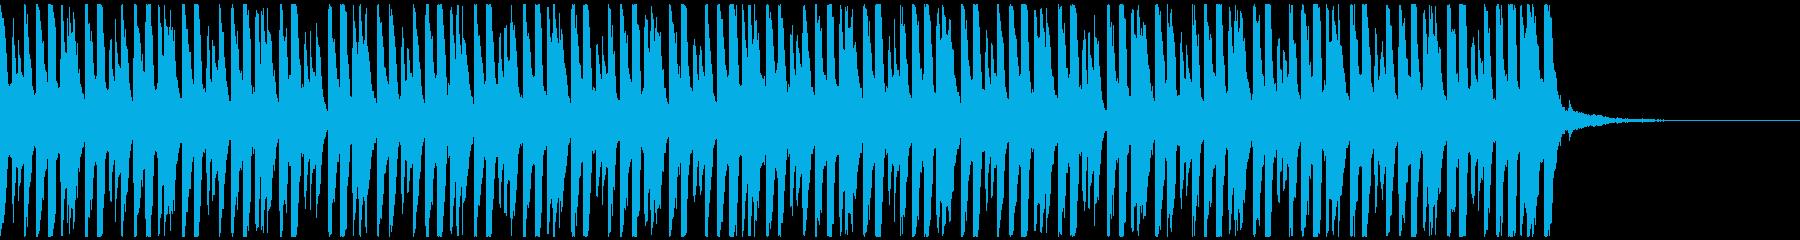 ハッピーデイ(40秒)の再生済みの波形